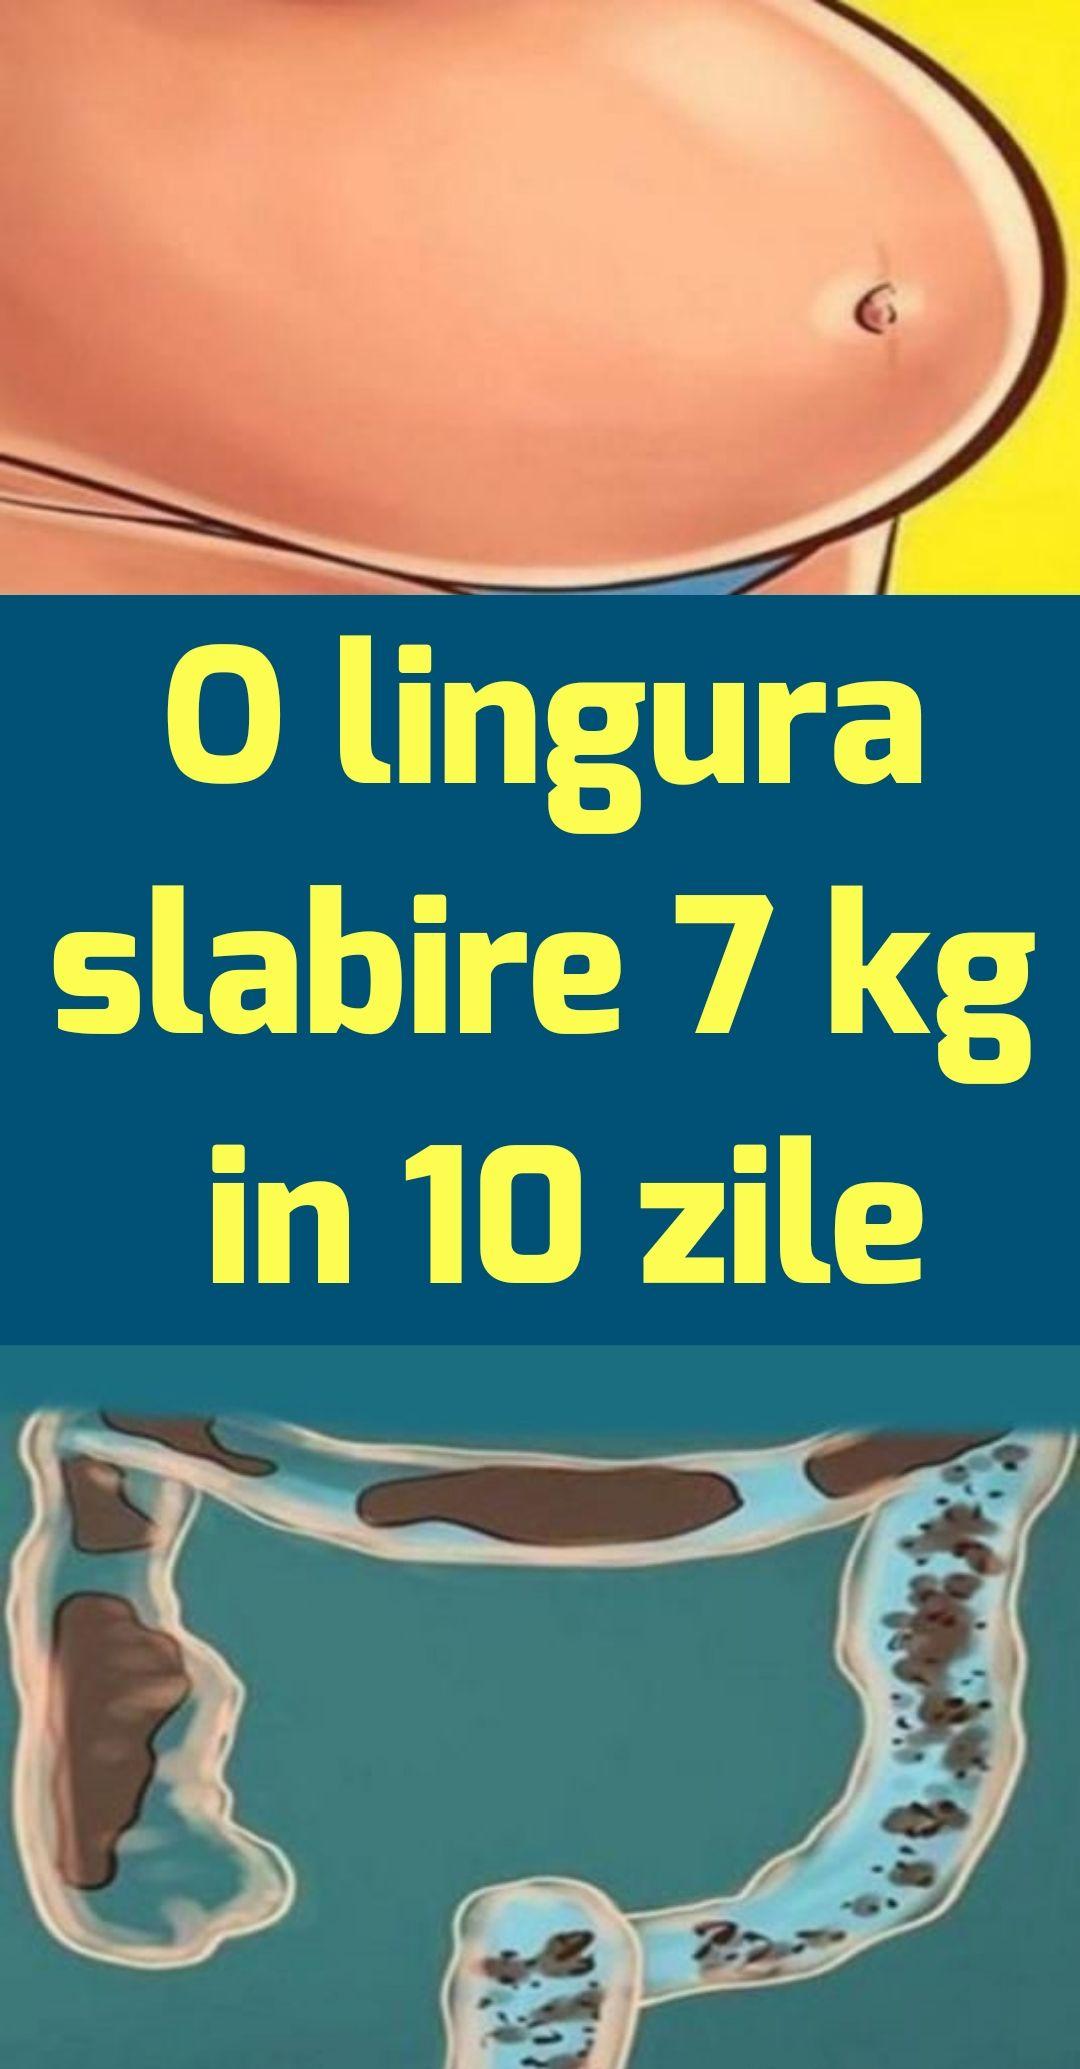 greutate puteți pierde în 3 săptămâni)